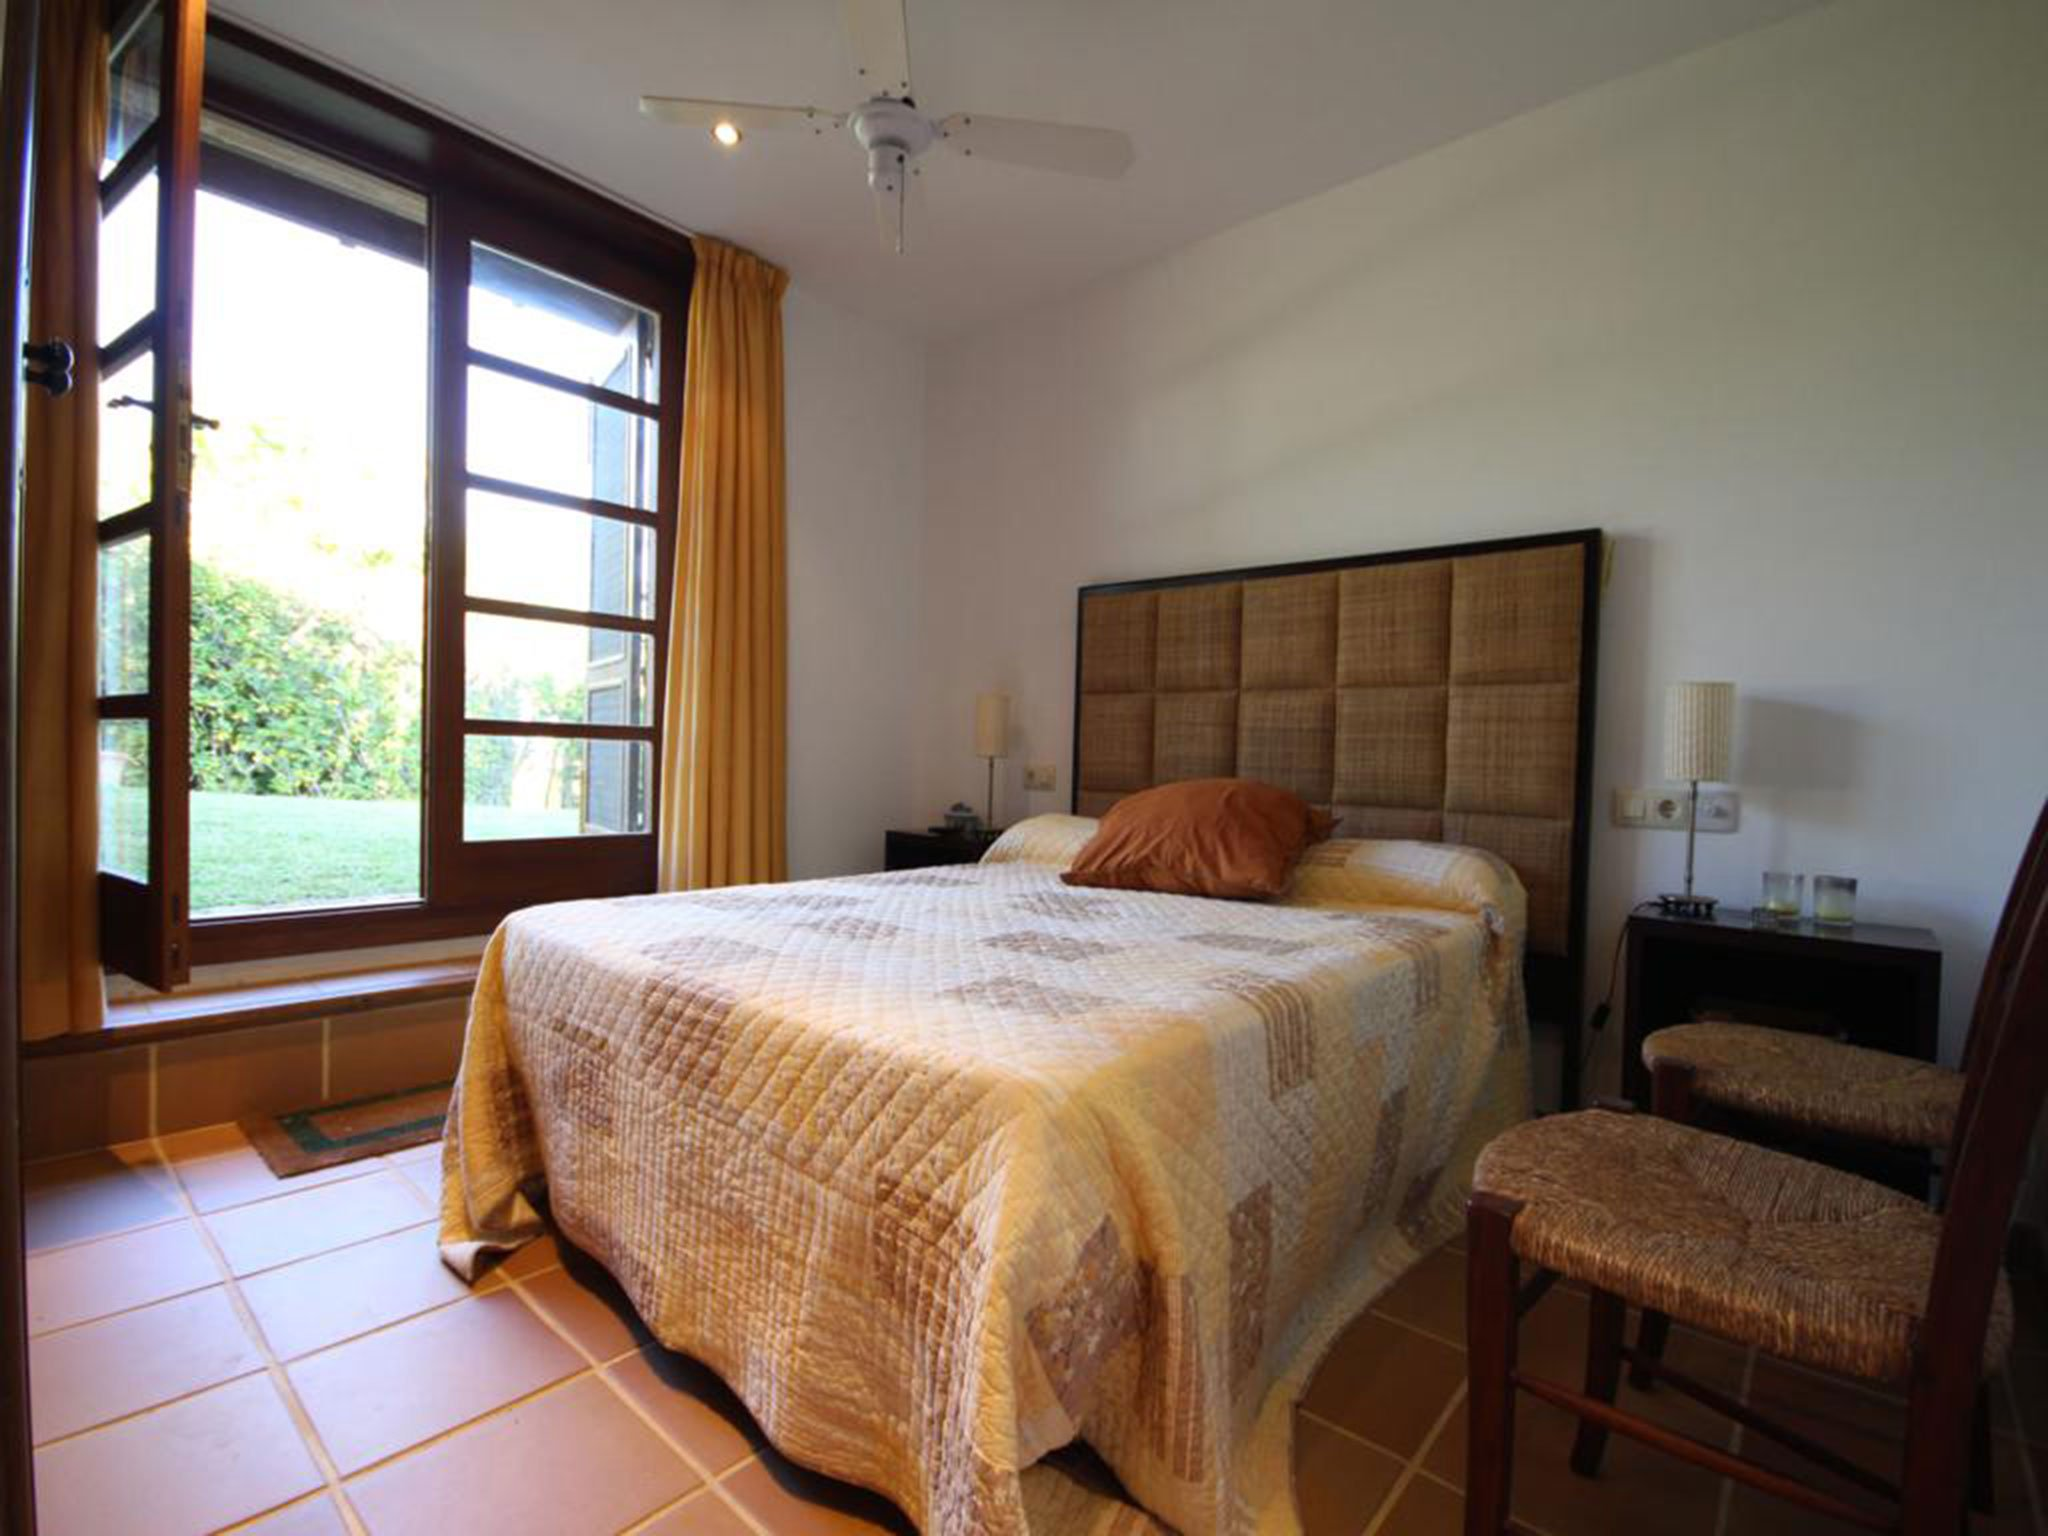 Dormitorio de una villa mediterránea en venta en Jávea con vistas al mar – Atina Inmobiliaria